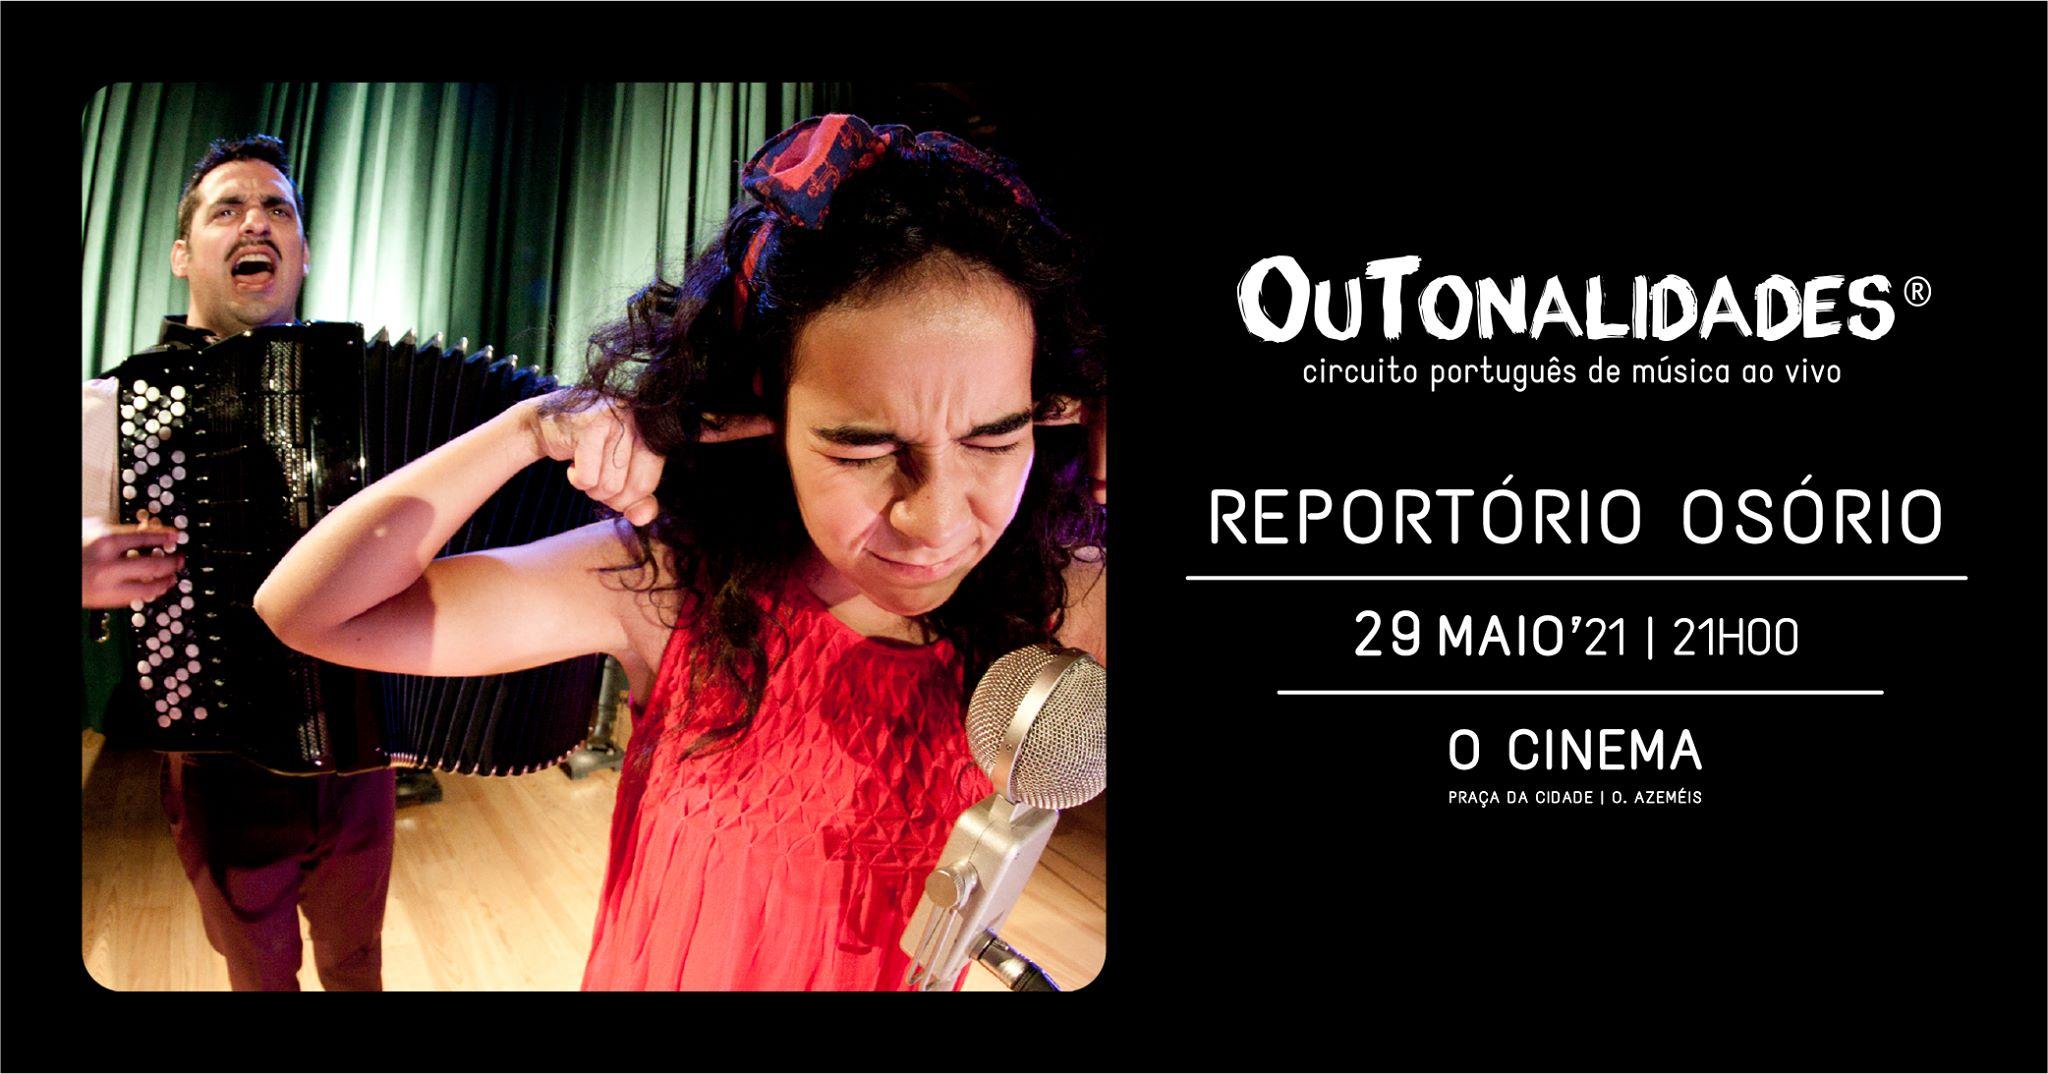 Reportório Osório (OuTonalidades)   Oliveira de Azeméis